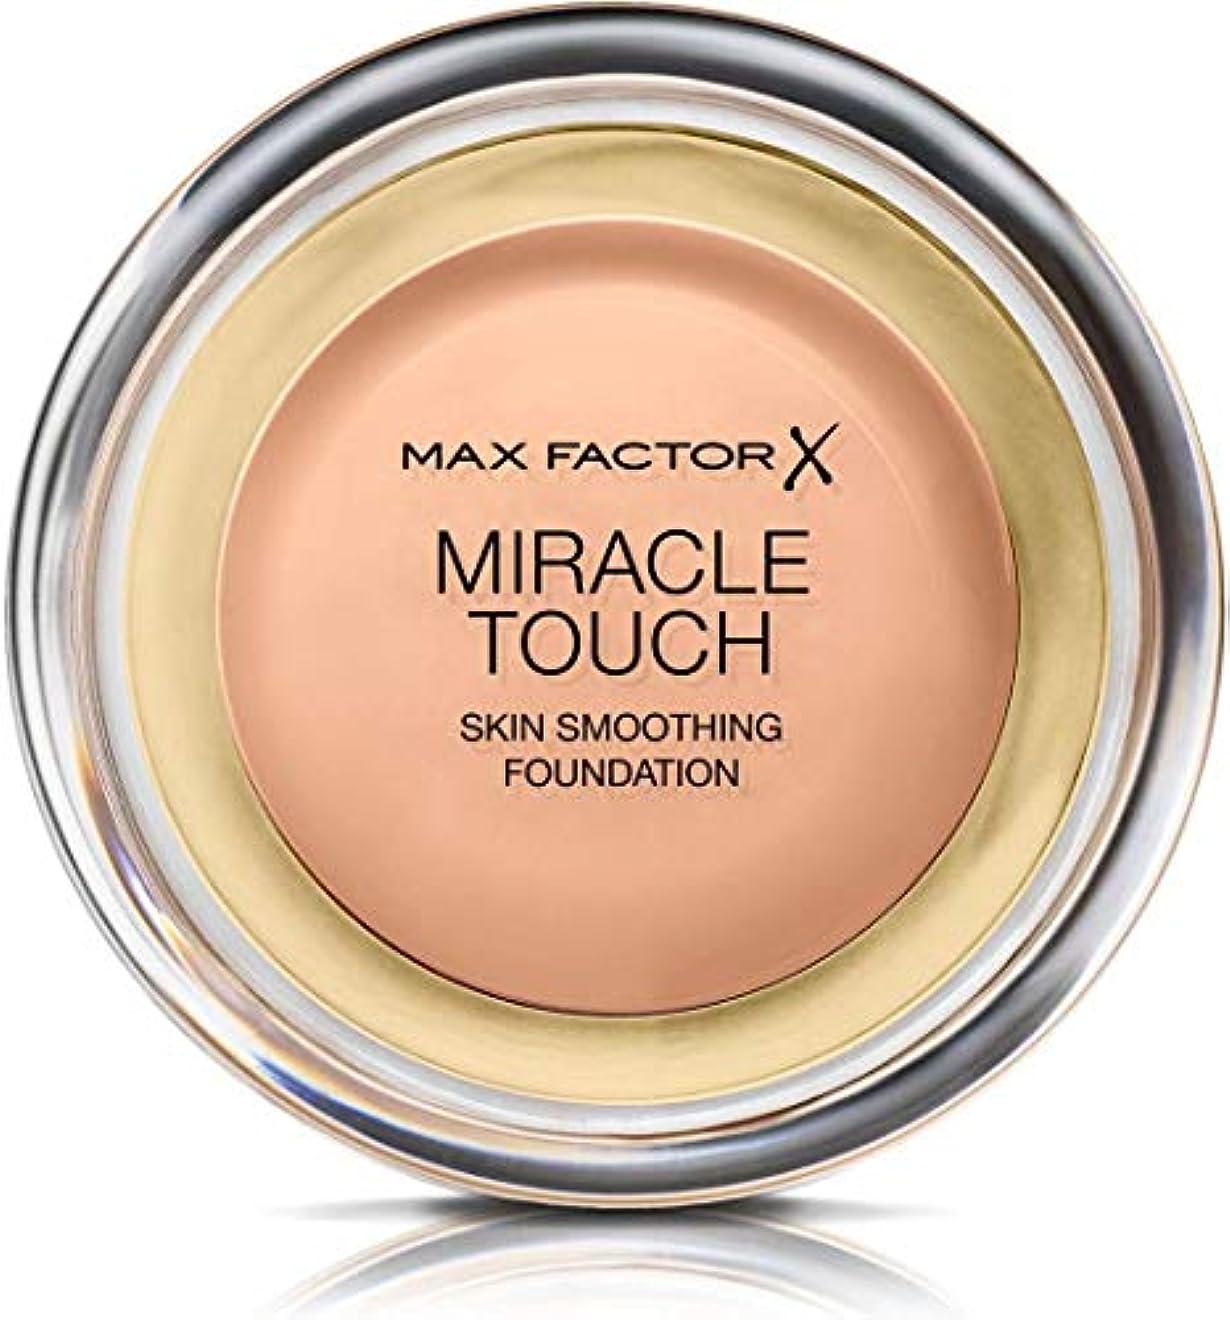 セマフォする必要がある商標マックス ファクター ミラクル タッチ スキン スムーズ ファウンデーション - ローズ ベージュ Max Factor Miracle Touch Skin Smoothing Foundation - Rose Beige...